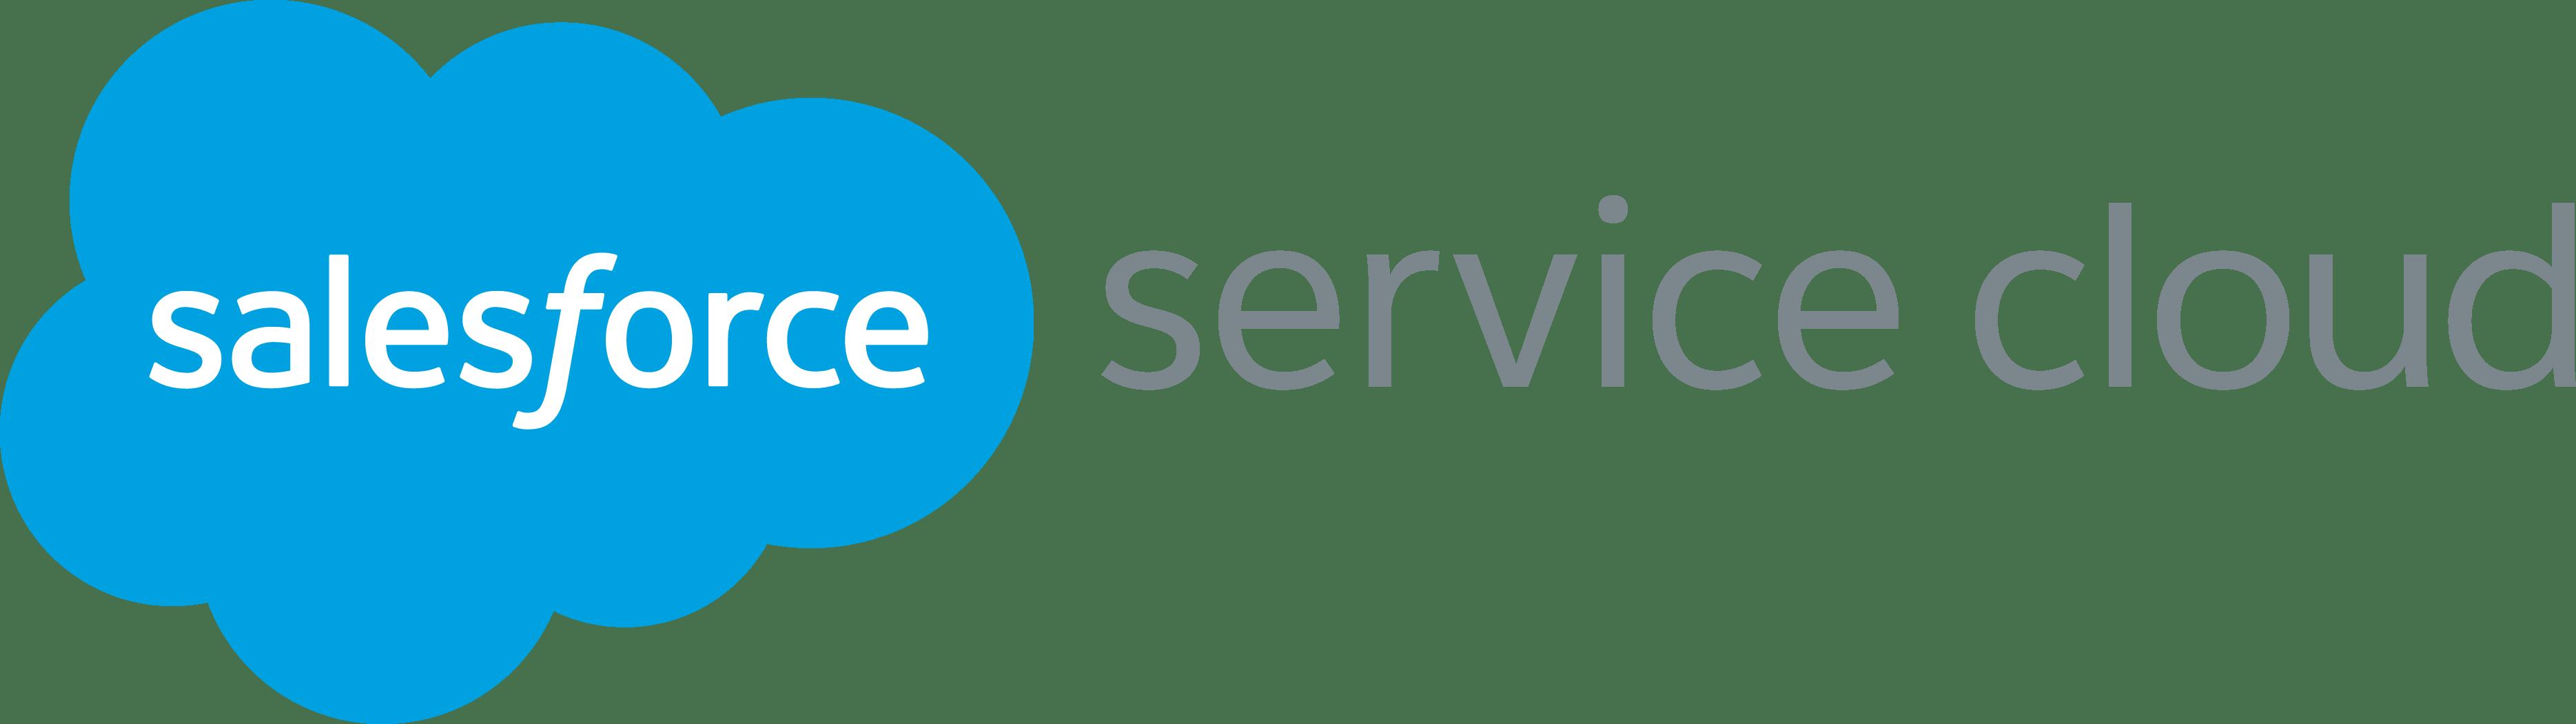 Salesforce-Service-Cloud-Logo (1)